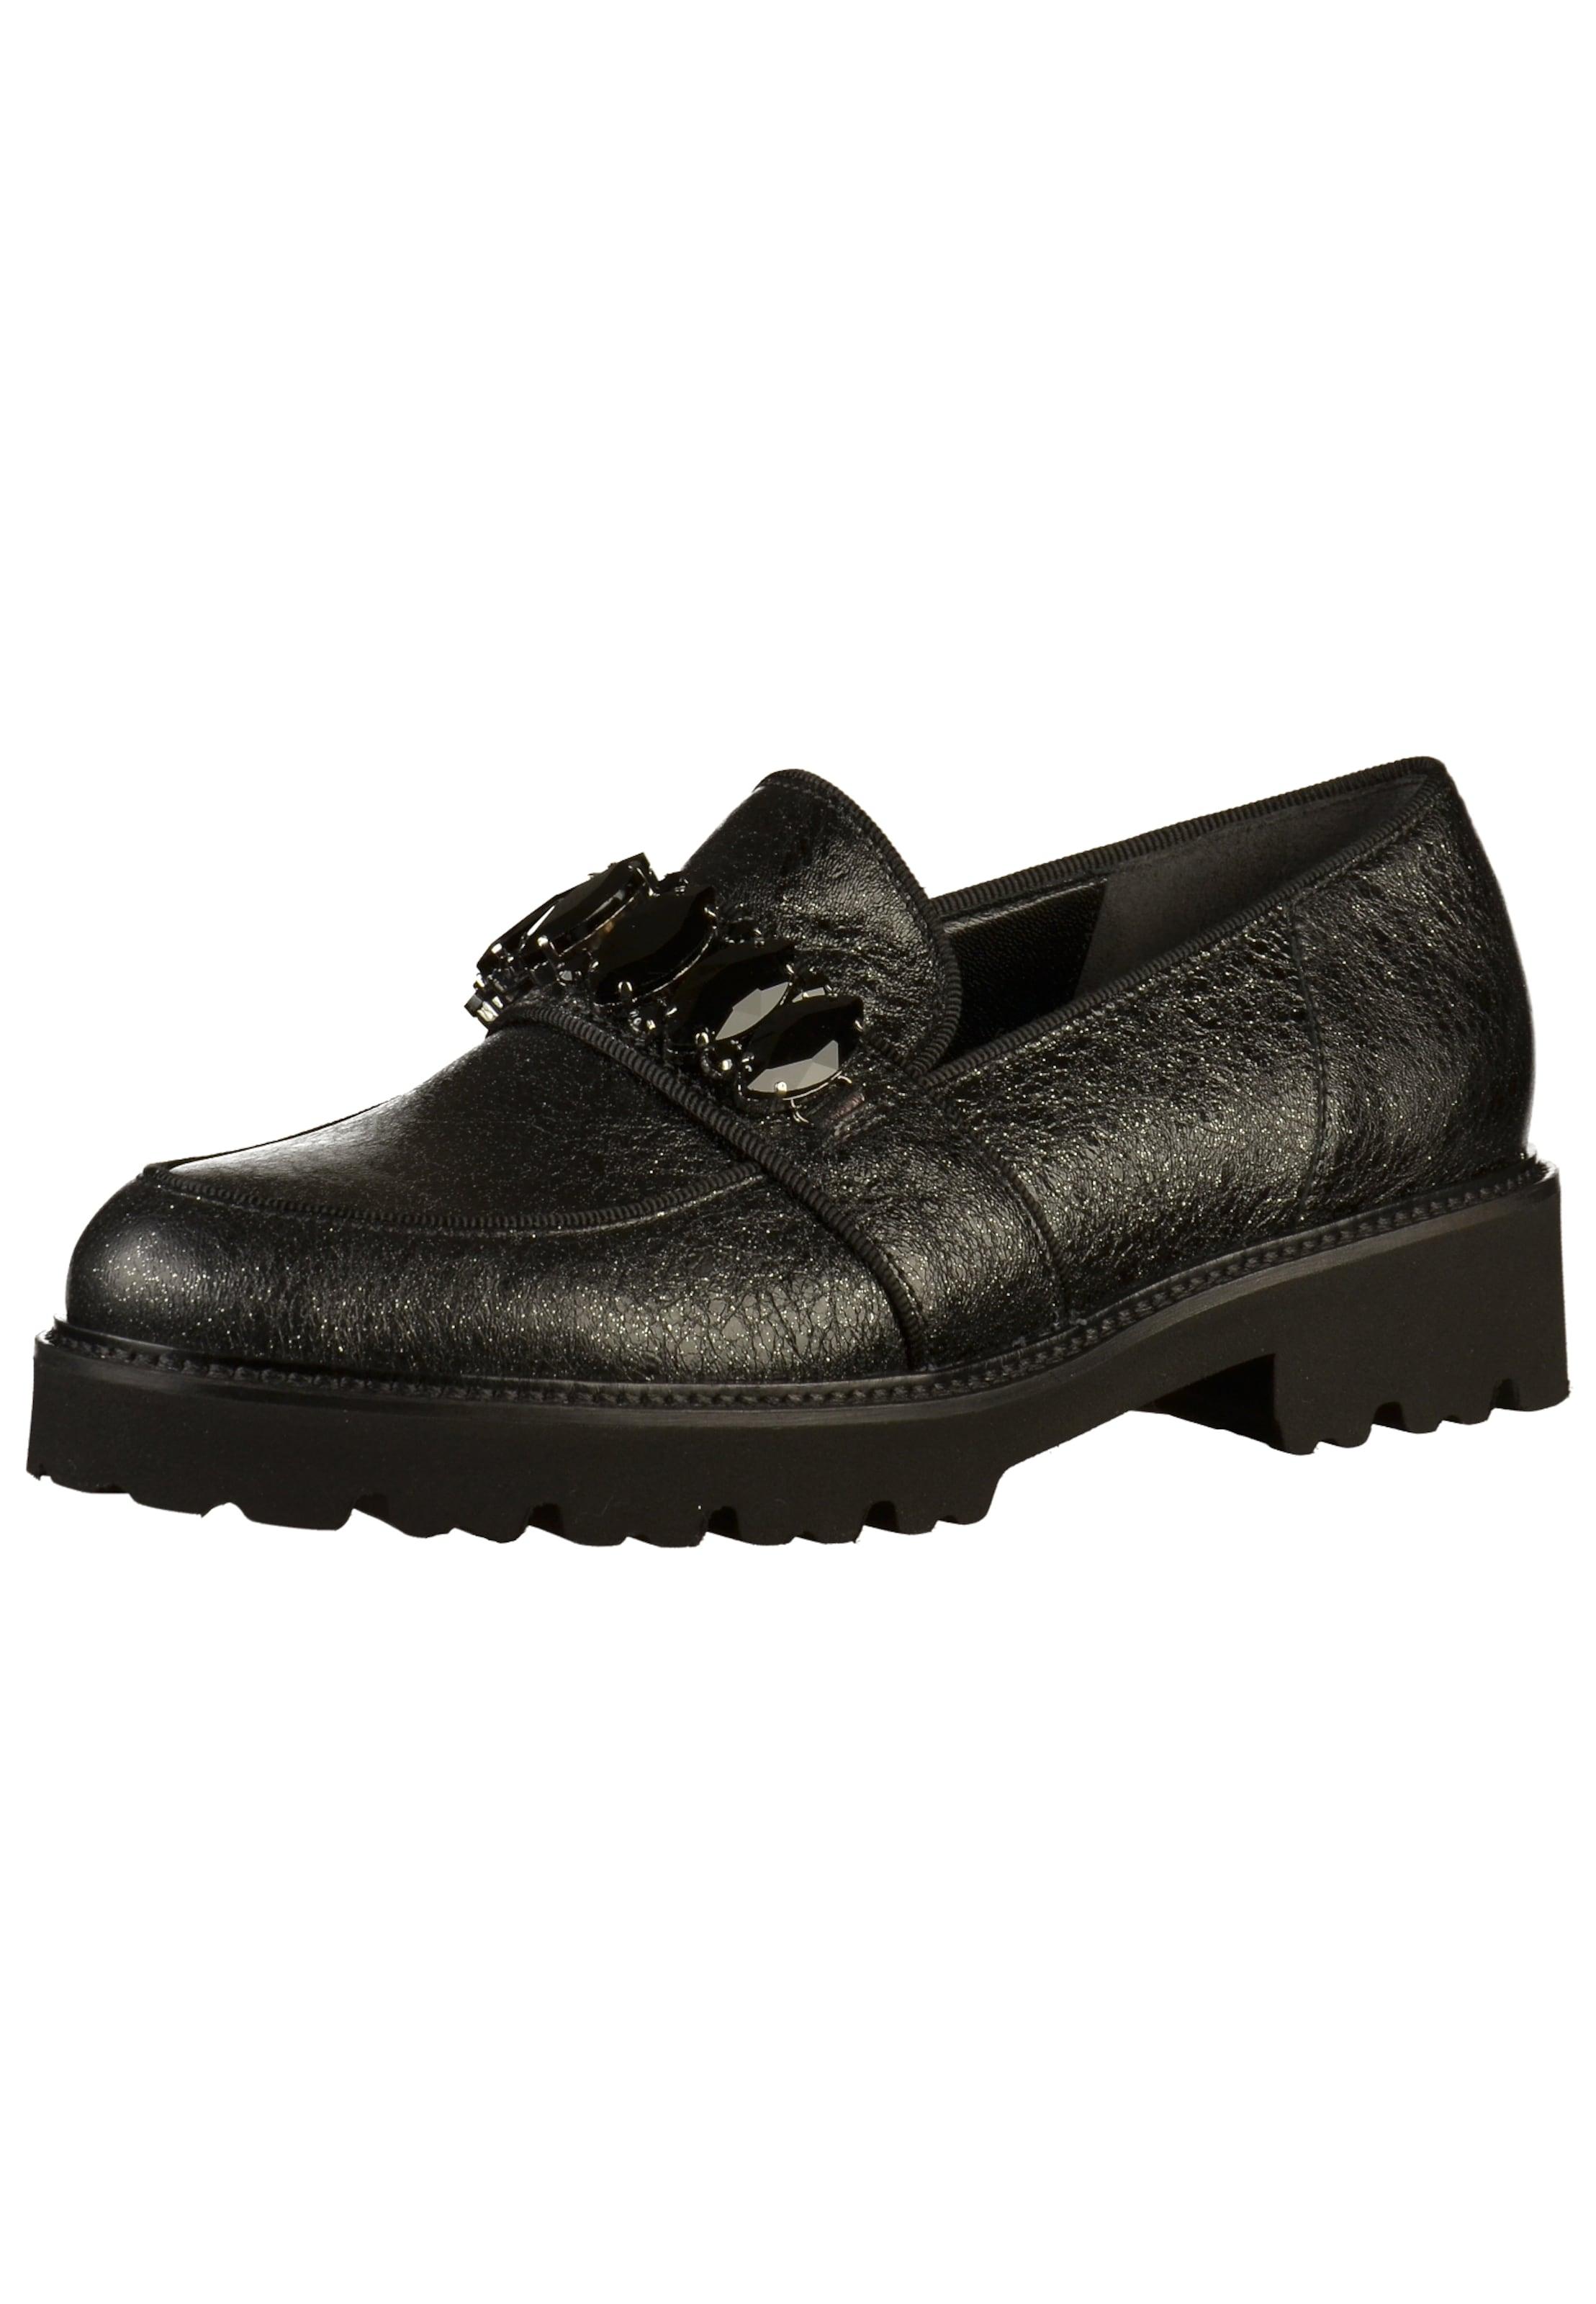 GABOR Slipper Verschleißfeste billige Schuhe Hohe Qualität